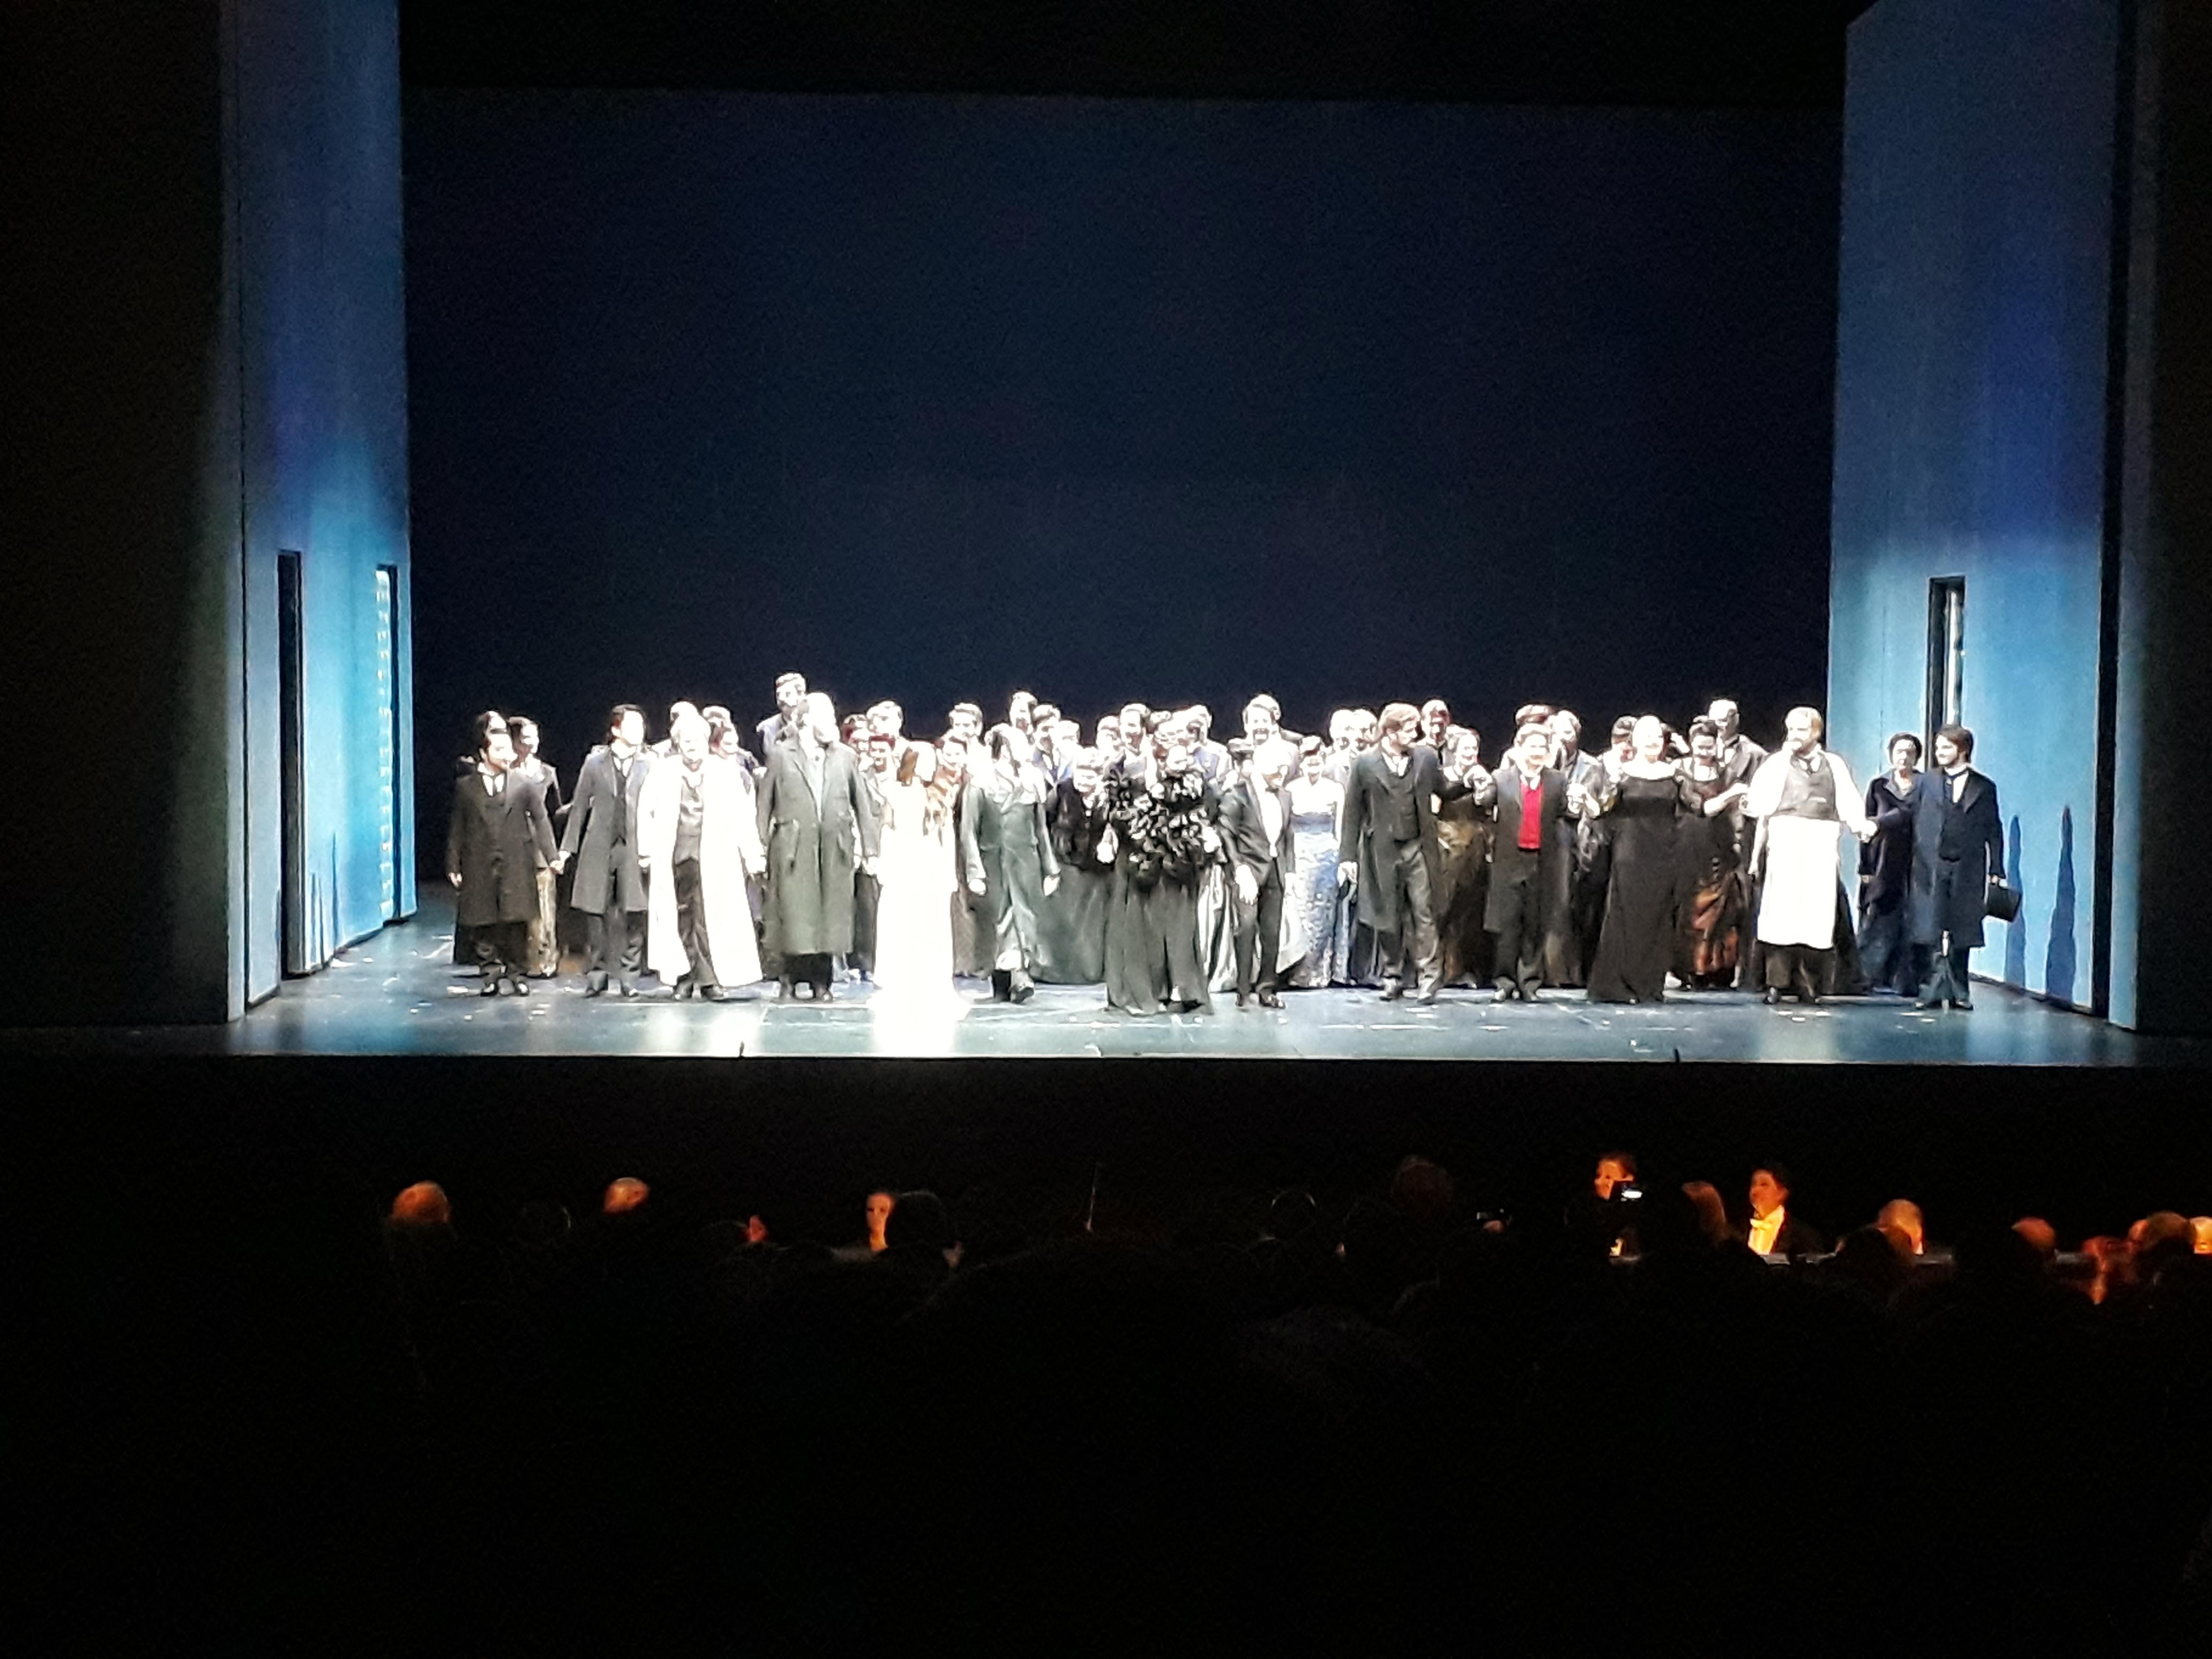 Les Contes d'Hoffmann – Premiere in der Deutschen Oper Berlin